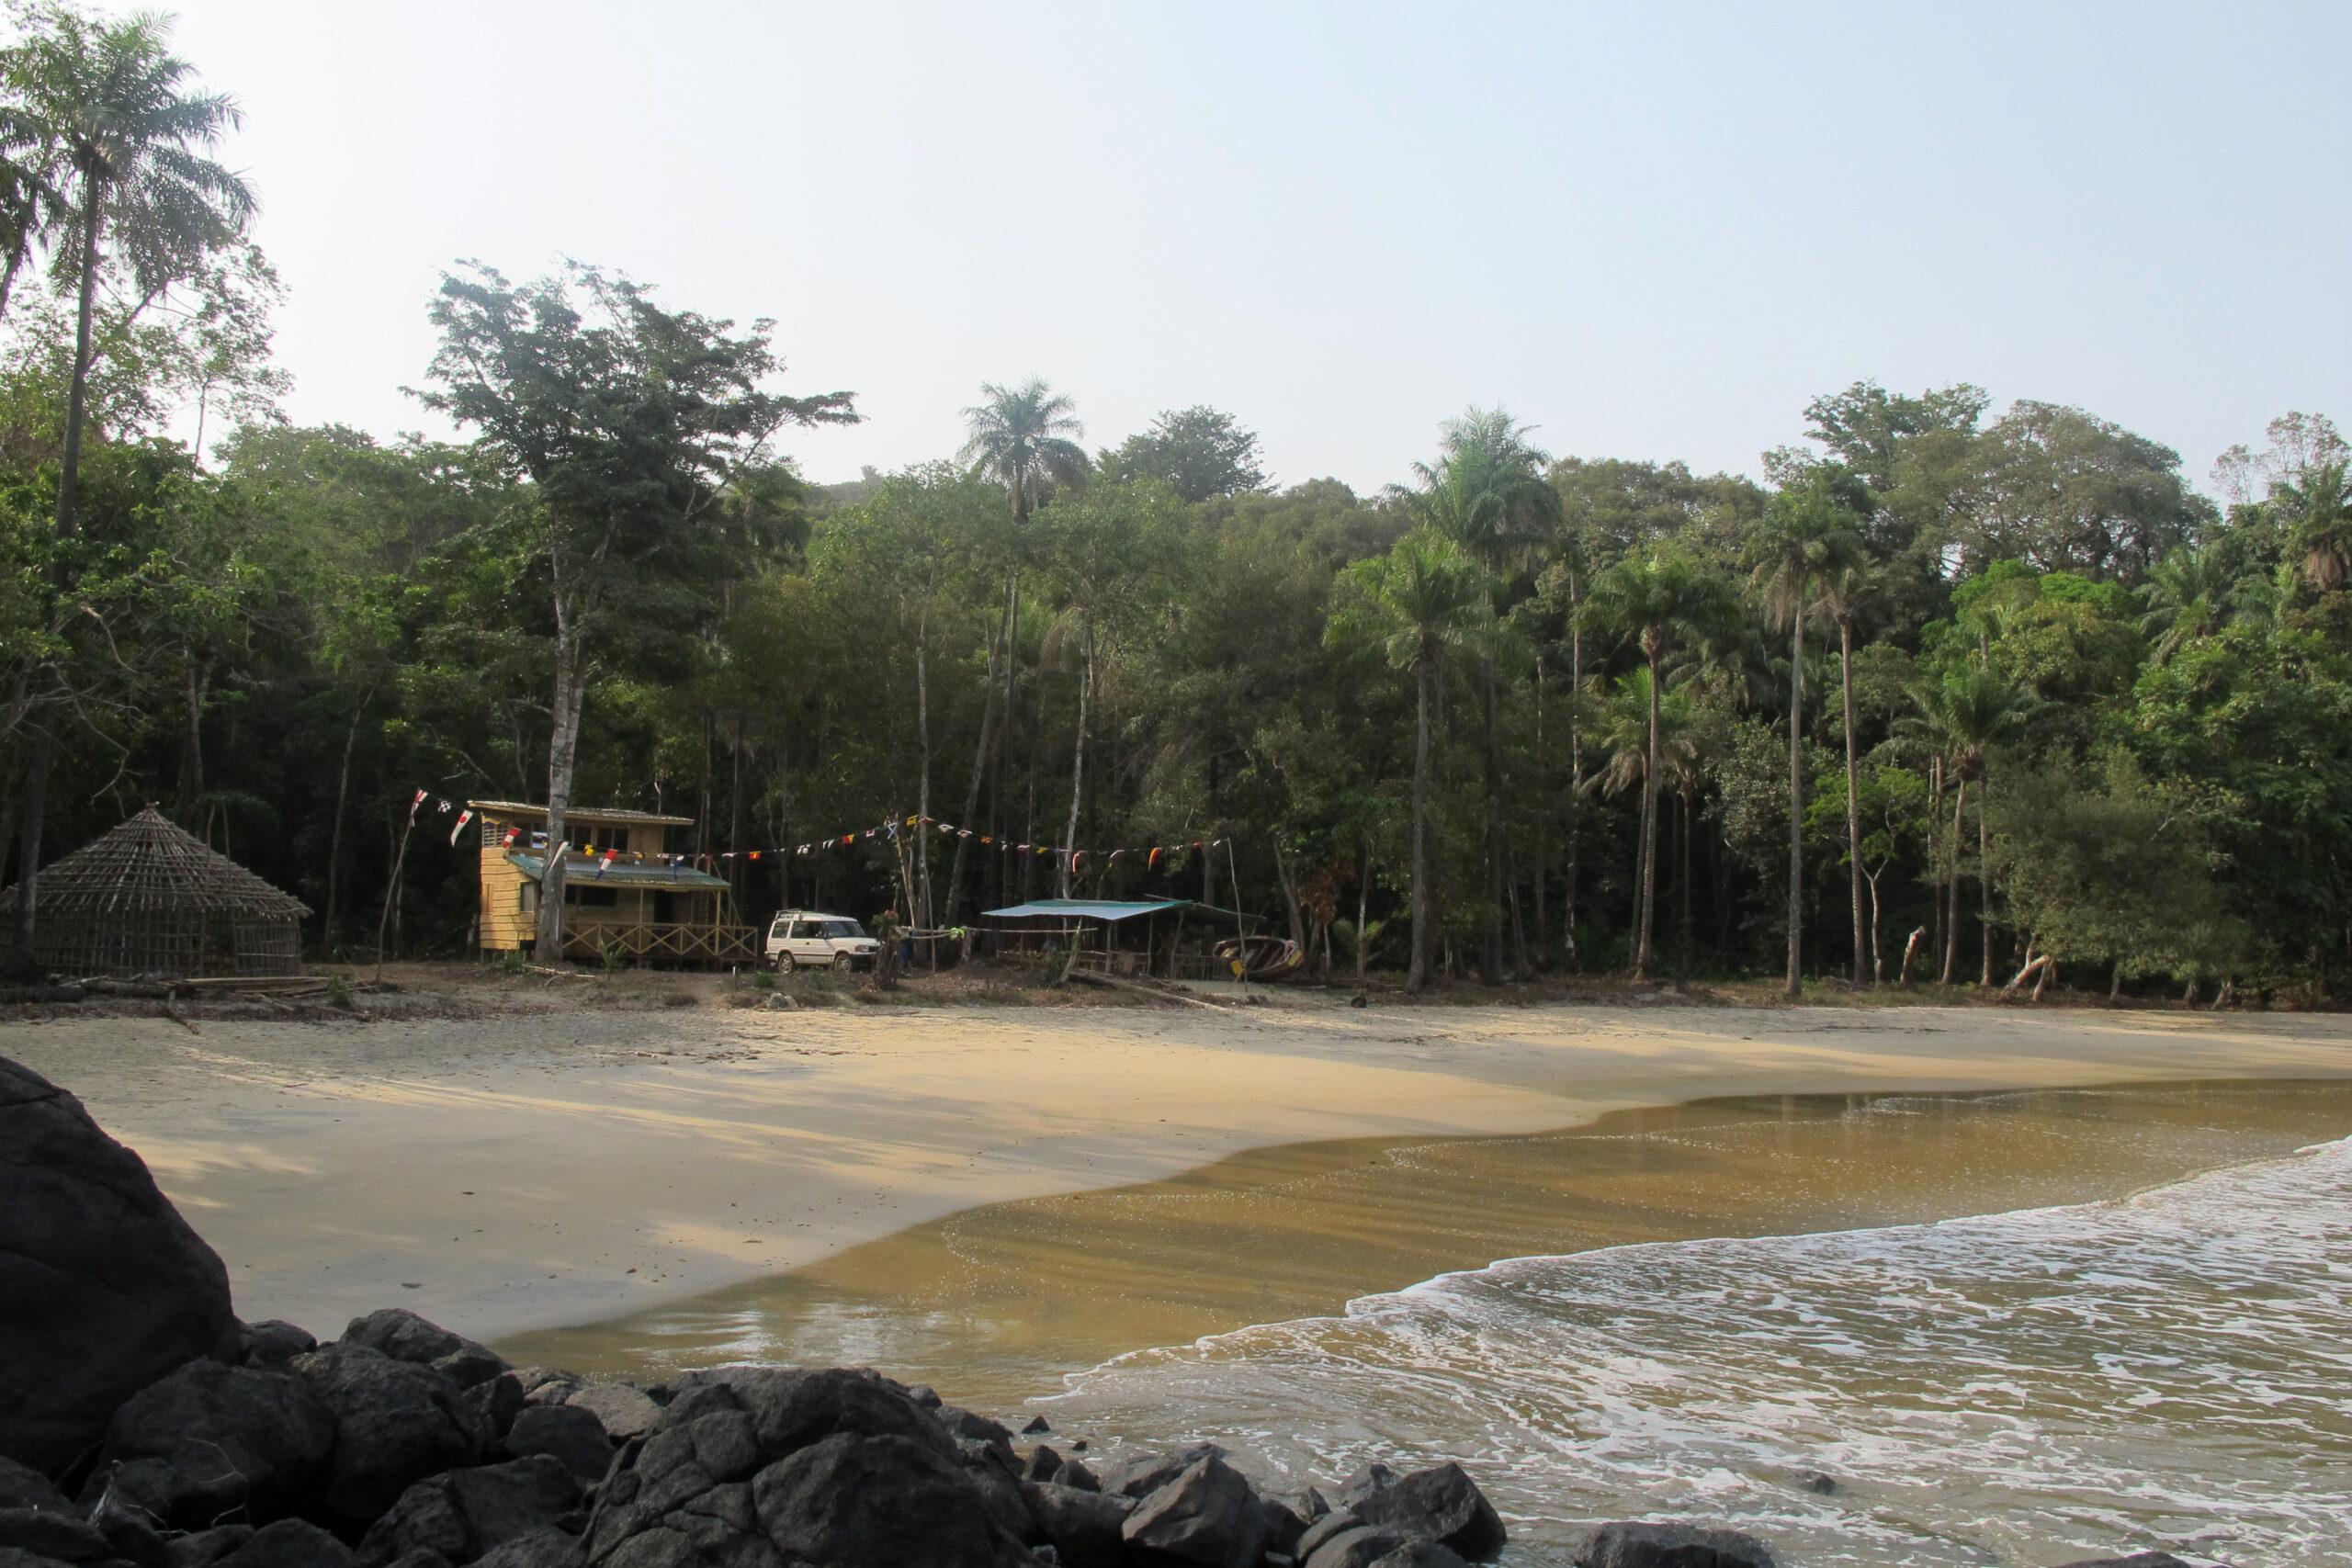 Власти Сьерра-Леоне продали 100 га заповедного леса под застройку